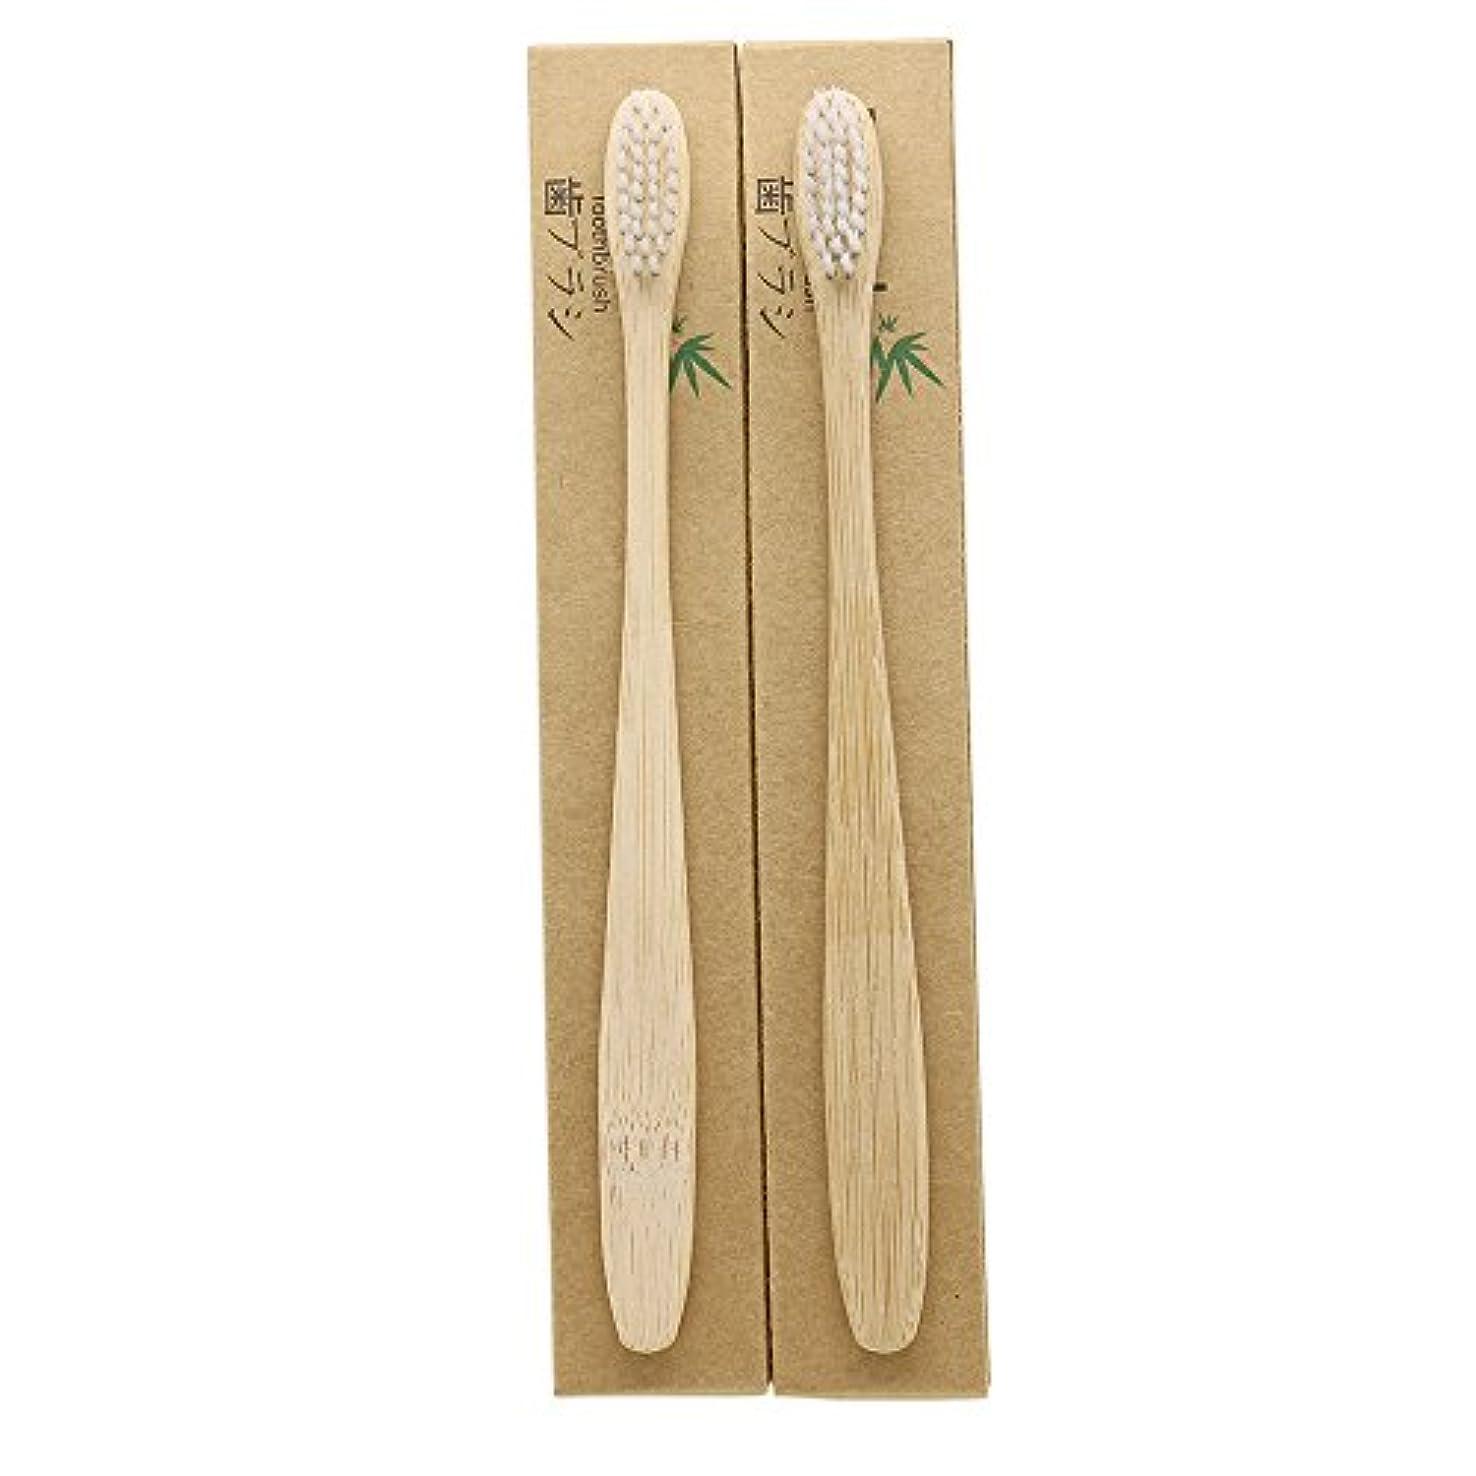 考案する通路押し下げるN-amboo 竹製耐久度高い 歯ブラシ 2本入り セット エコ ヘッド小さい 白い